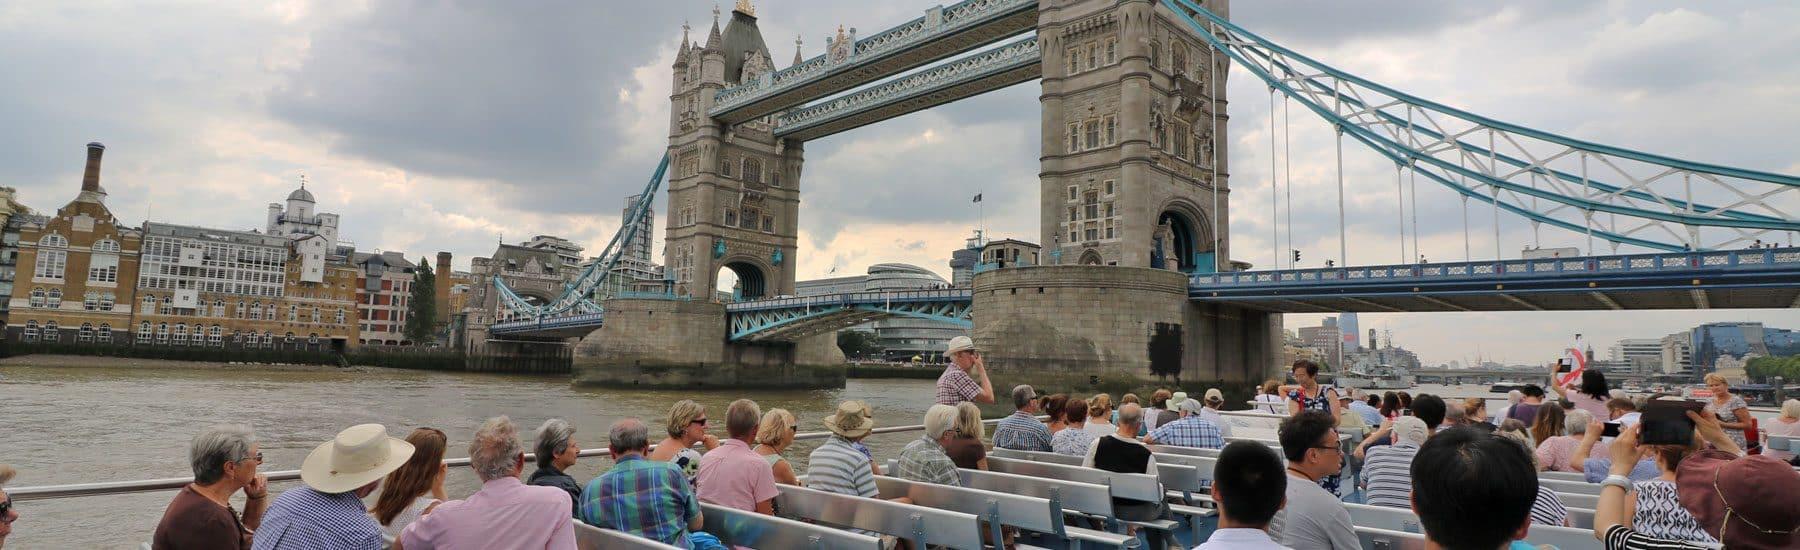 M.V Thomas Doggett passing Tower Bridge, London